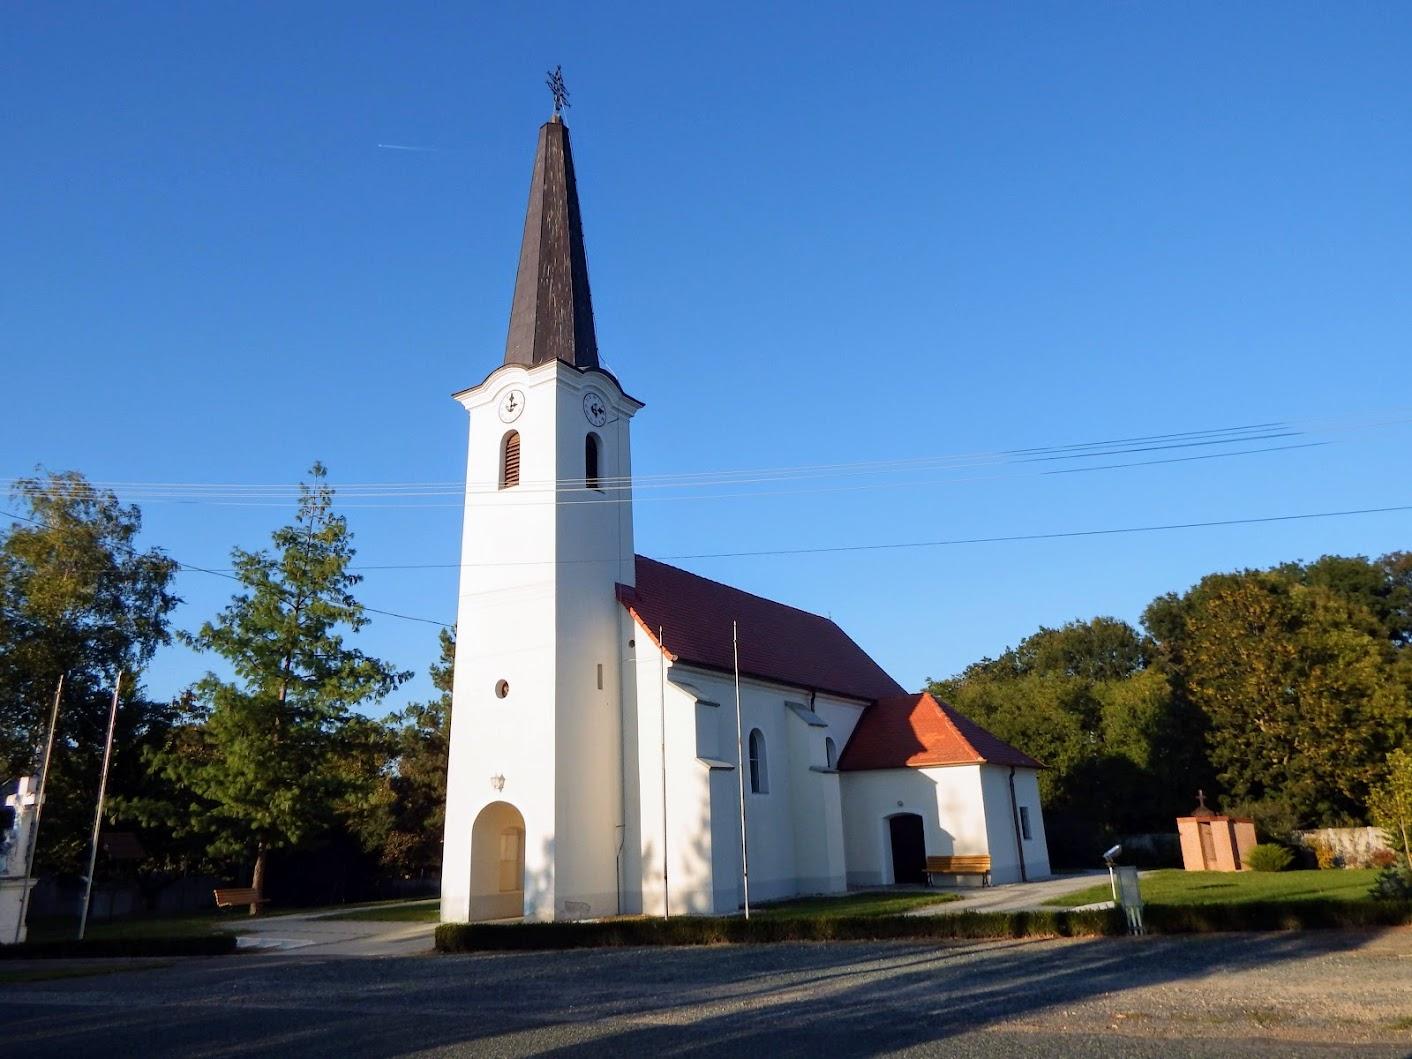 Sajtoskál - Szent Péter és Pál rk. templom